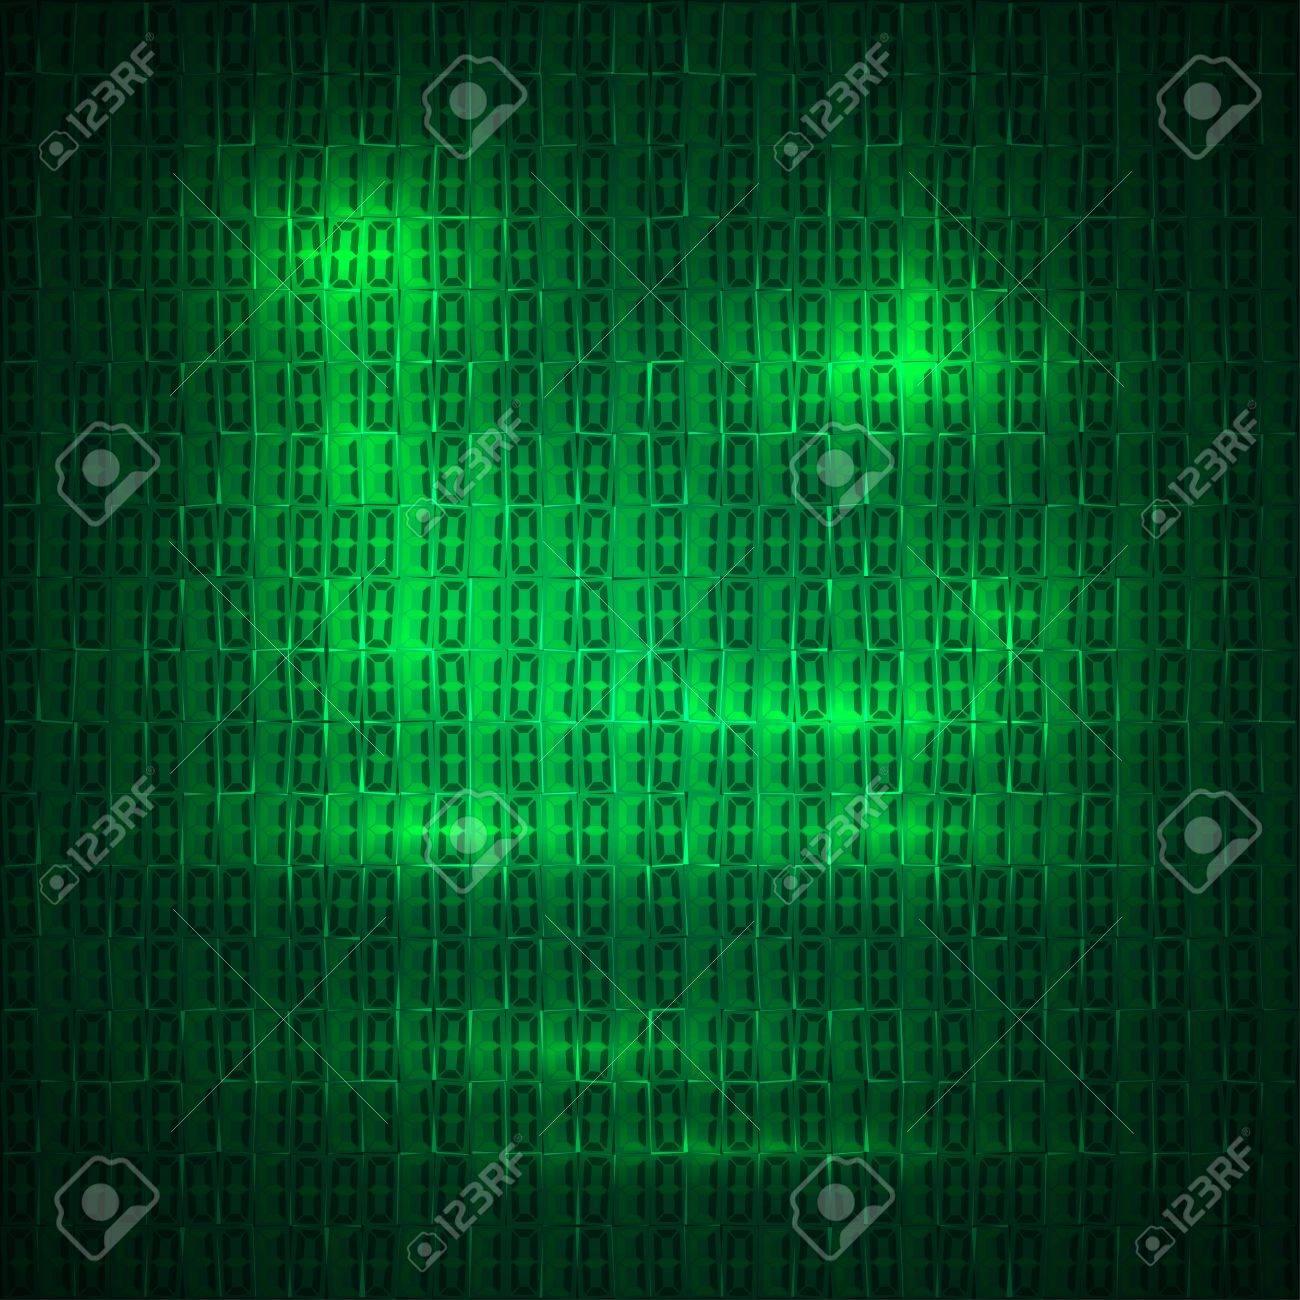 hexadecimal computer code vector background wallpaper Stock Vector - 32501249